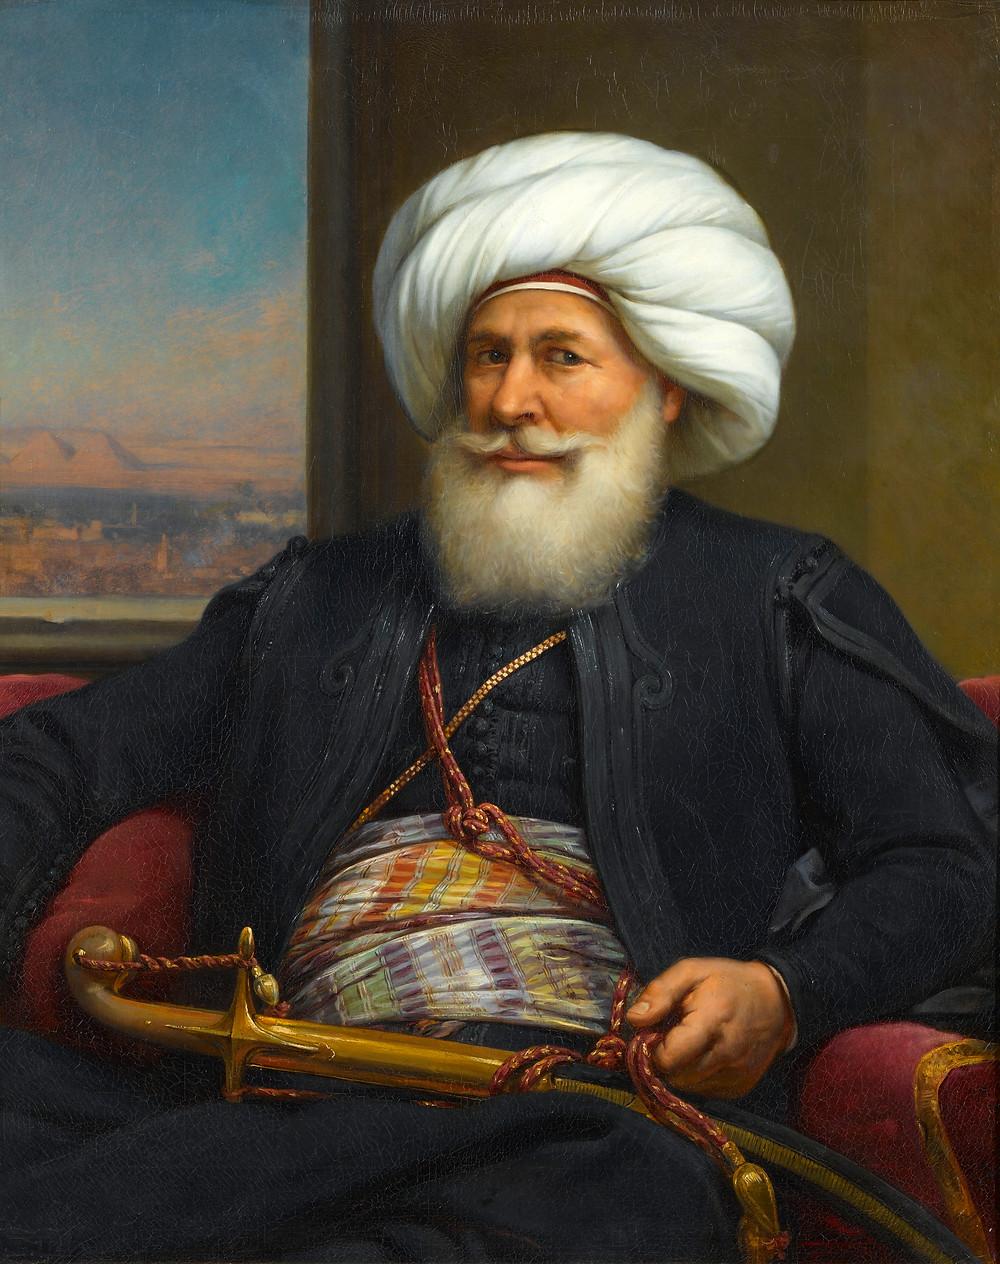 Mohammad Ali of Egypt